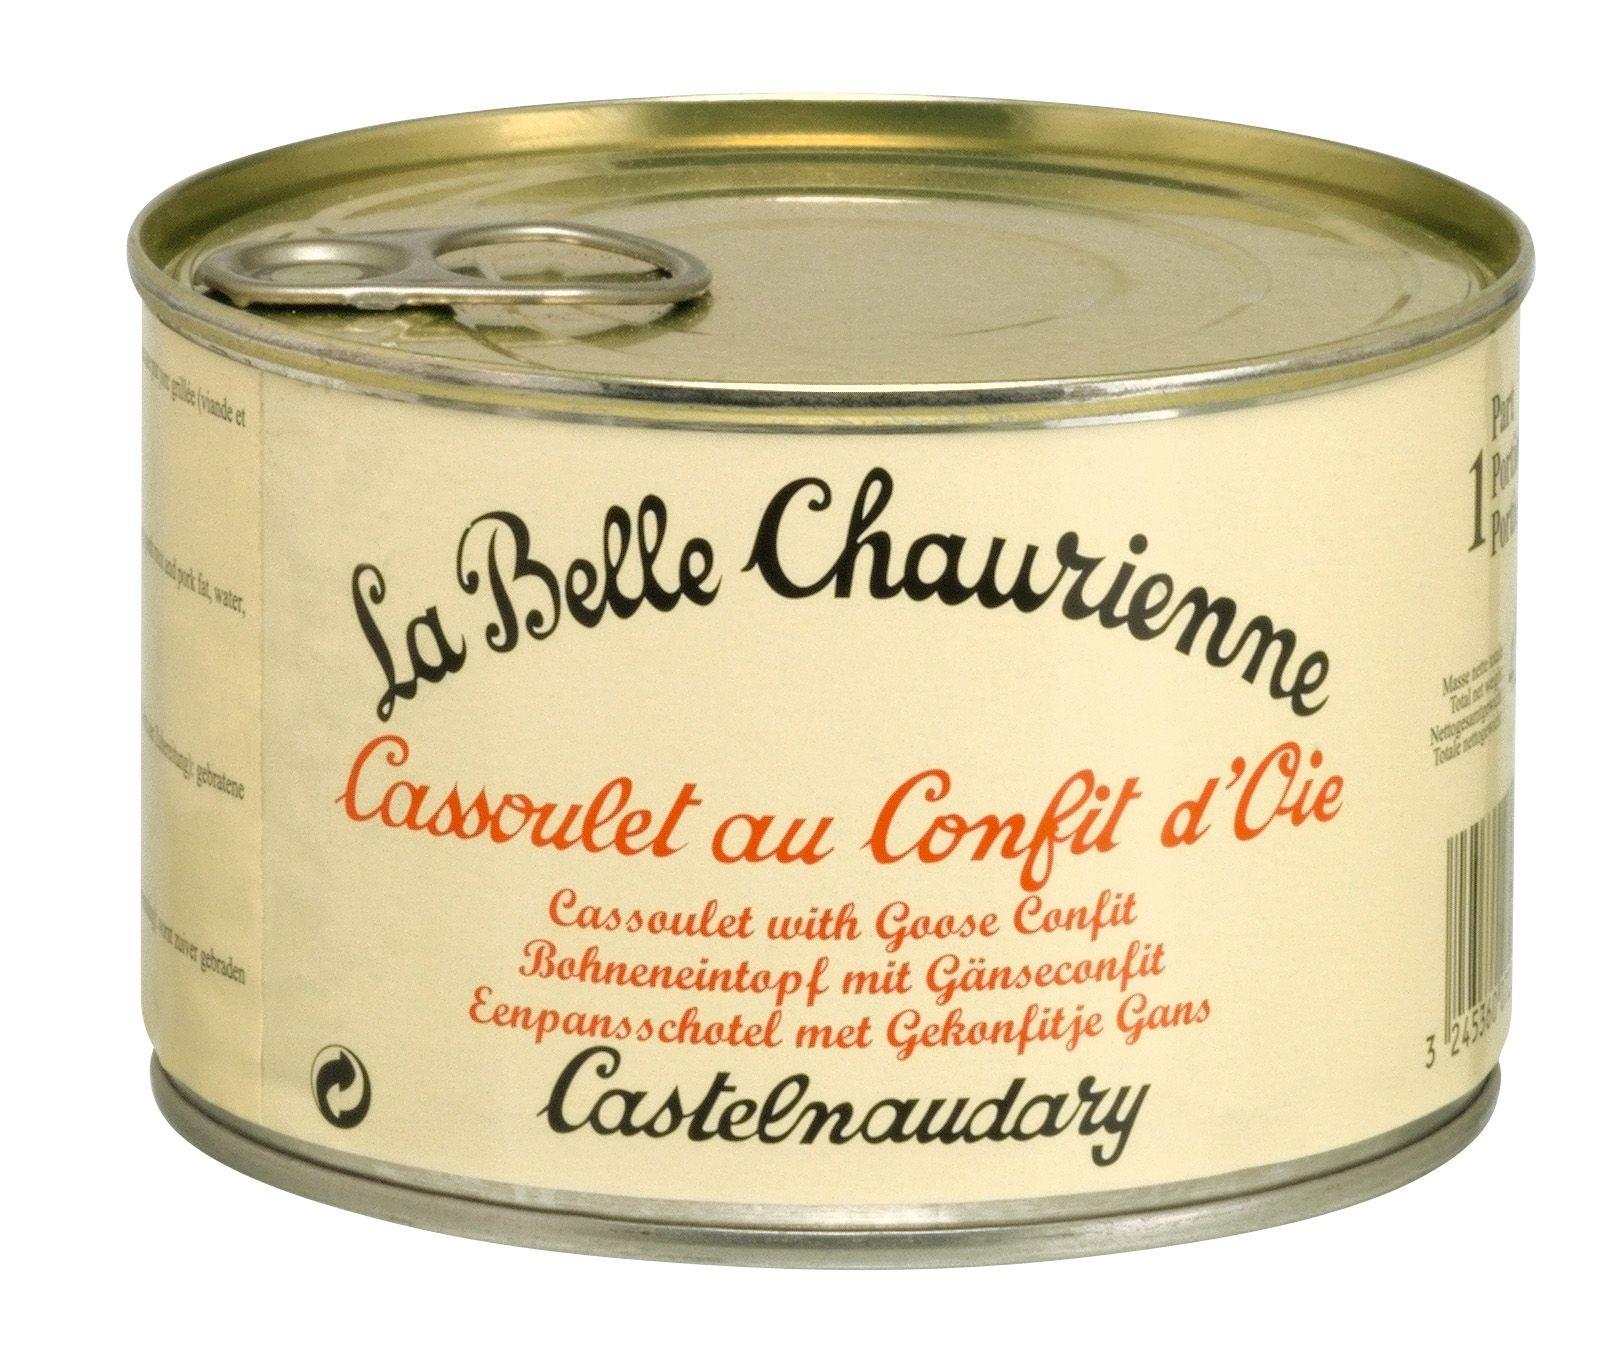 Goose Confit Cassoulet